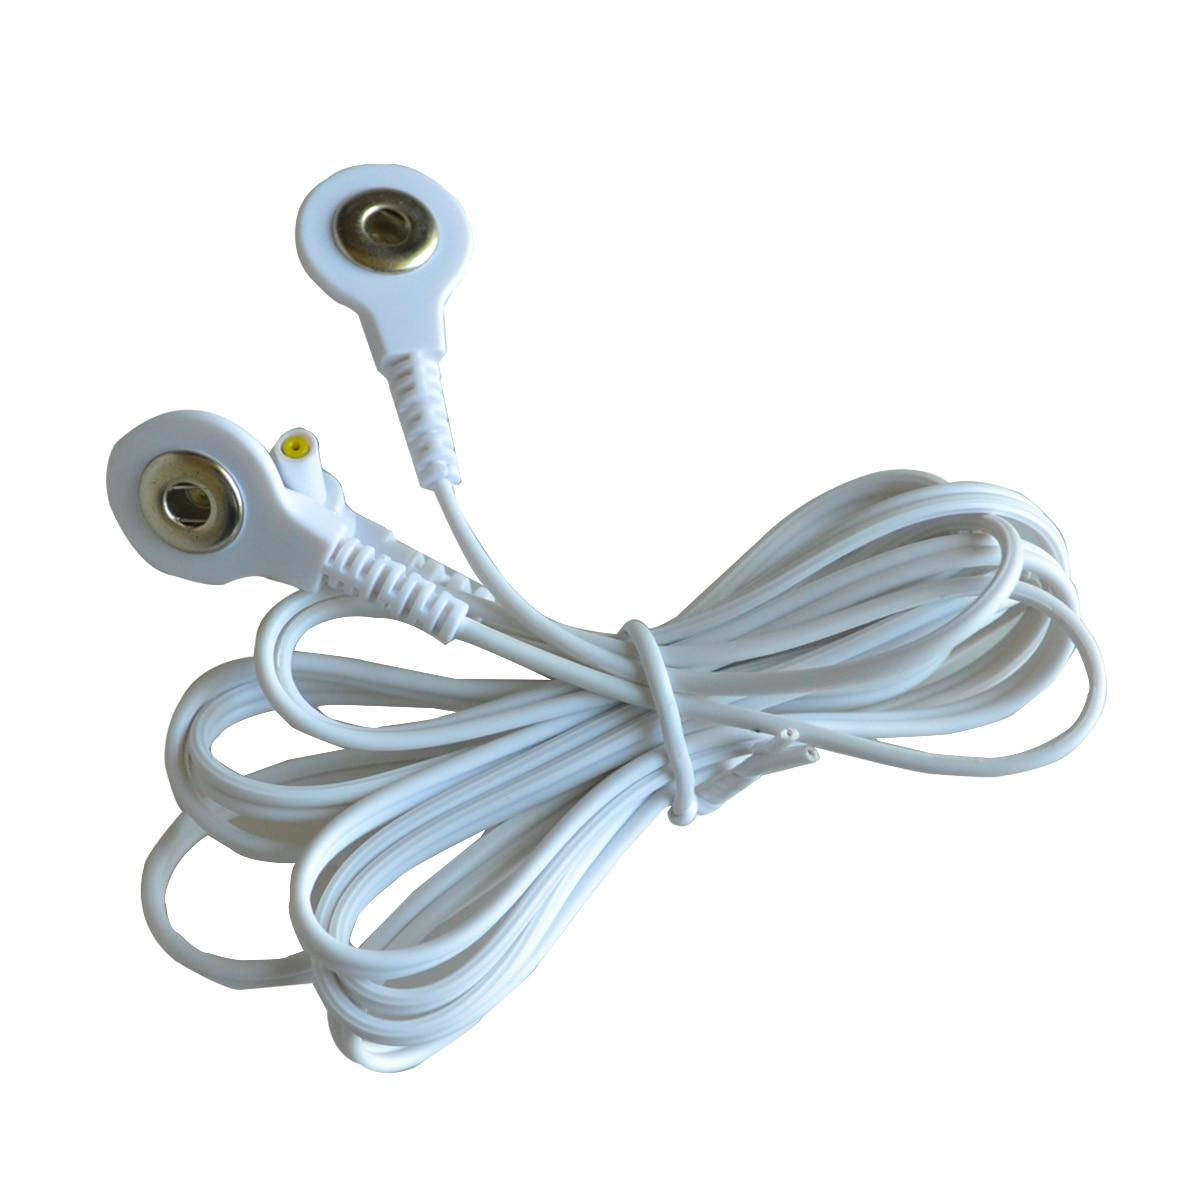 50 stks/partij Vervanging Kabels 2.35mm Plug Elektrodestroomdraden Voor TIENTALLEN 7000 En TIENTALLEN Elektronische Therapie Machines-in Massage & Ontspanning van Schoonheid op  Groep 1